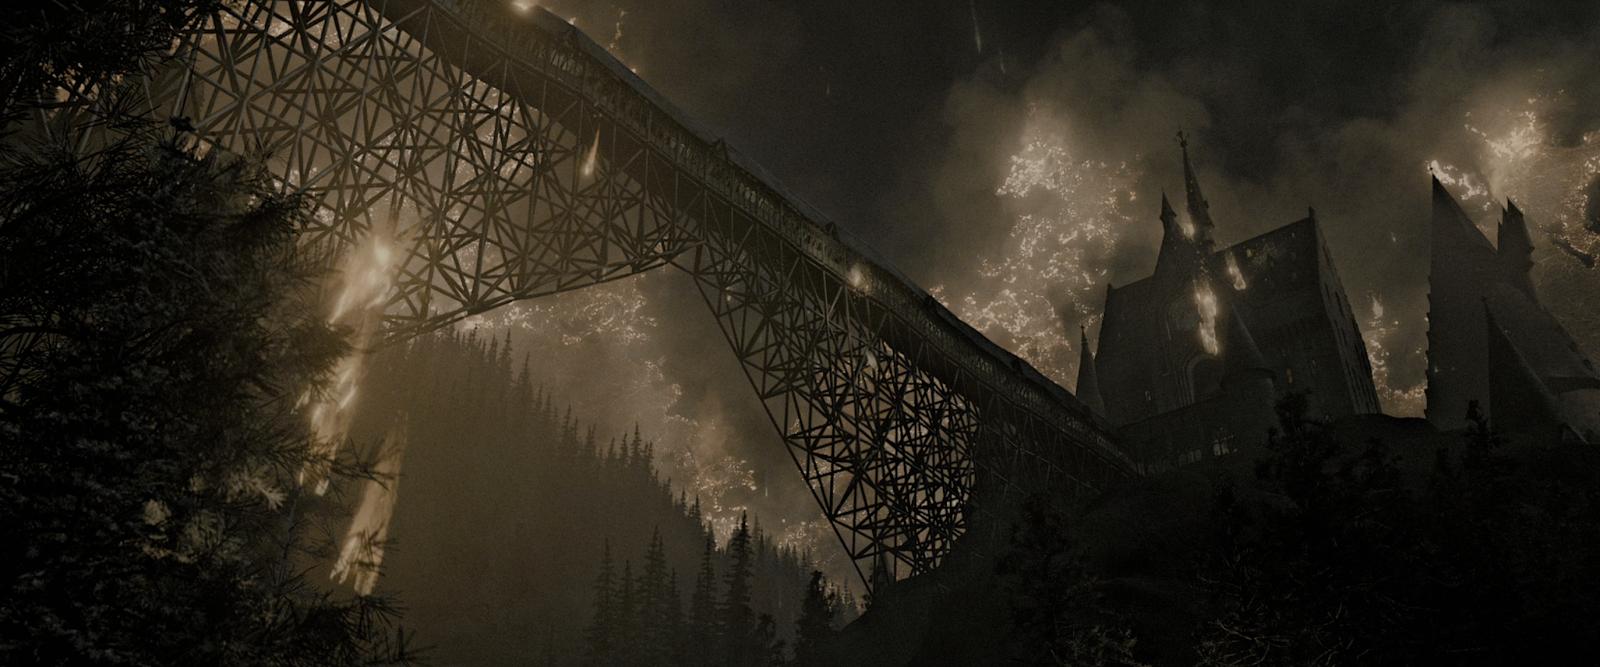 Harry Potter y las Reliquias de la Muerte - Parte 2 (2011) 4K UHD [HDR] Latino-Castellano-Ingles captura 2